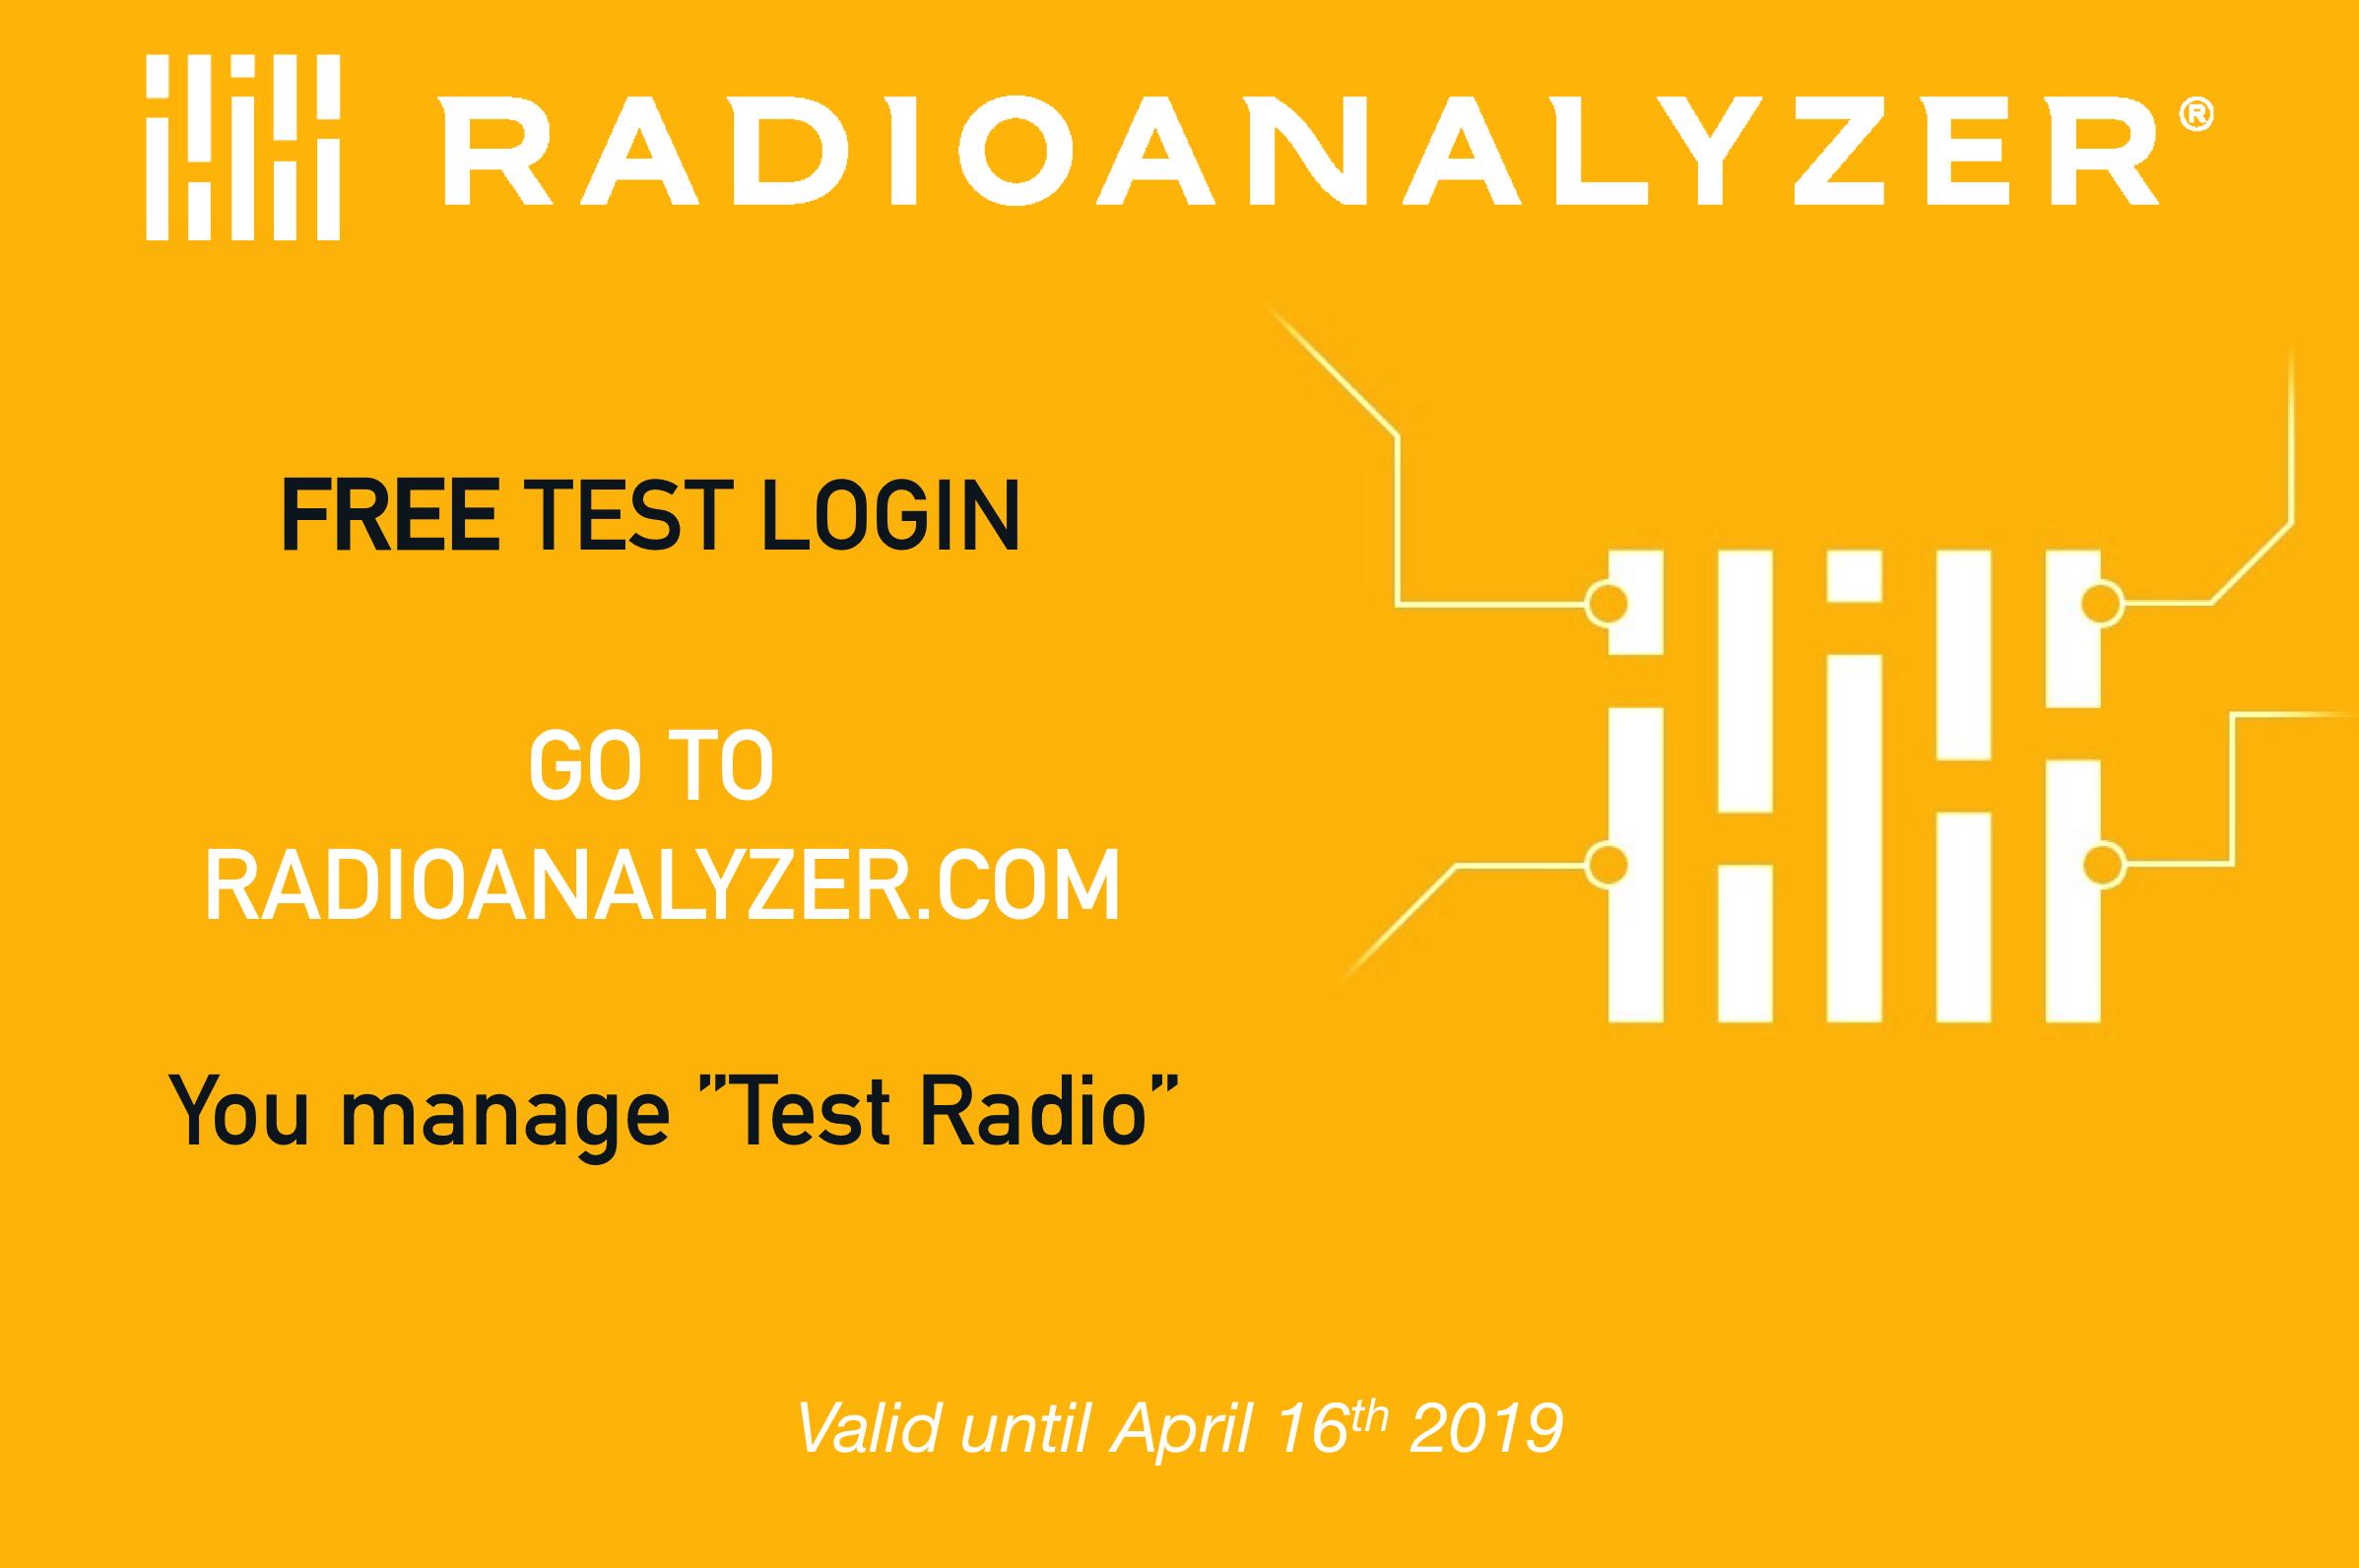 Be a RadioAnalyzer Yourself